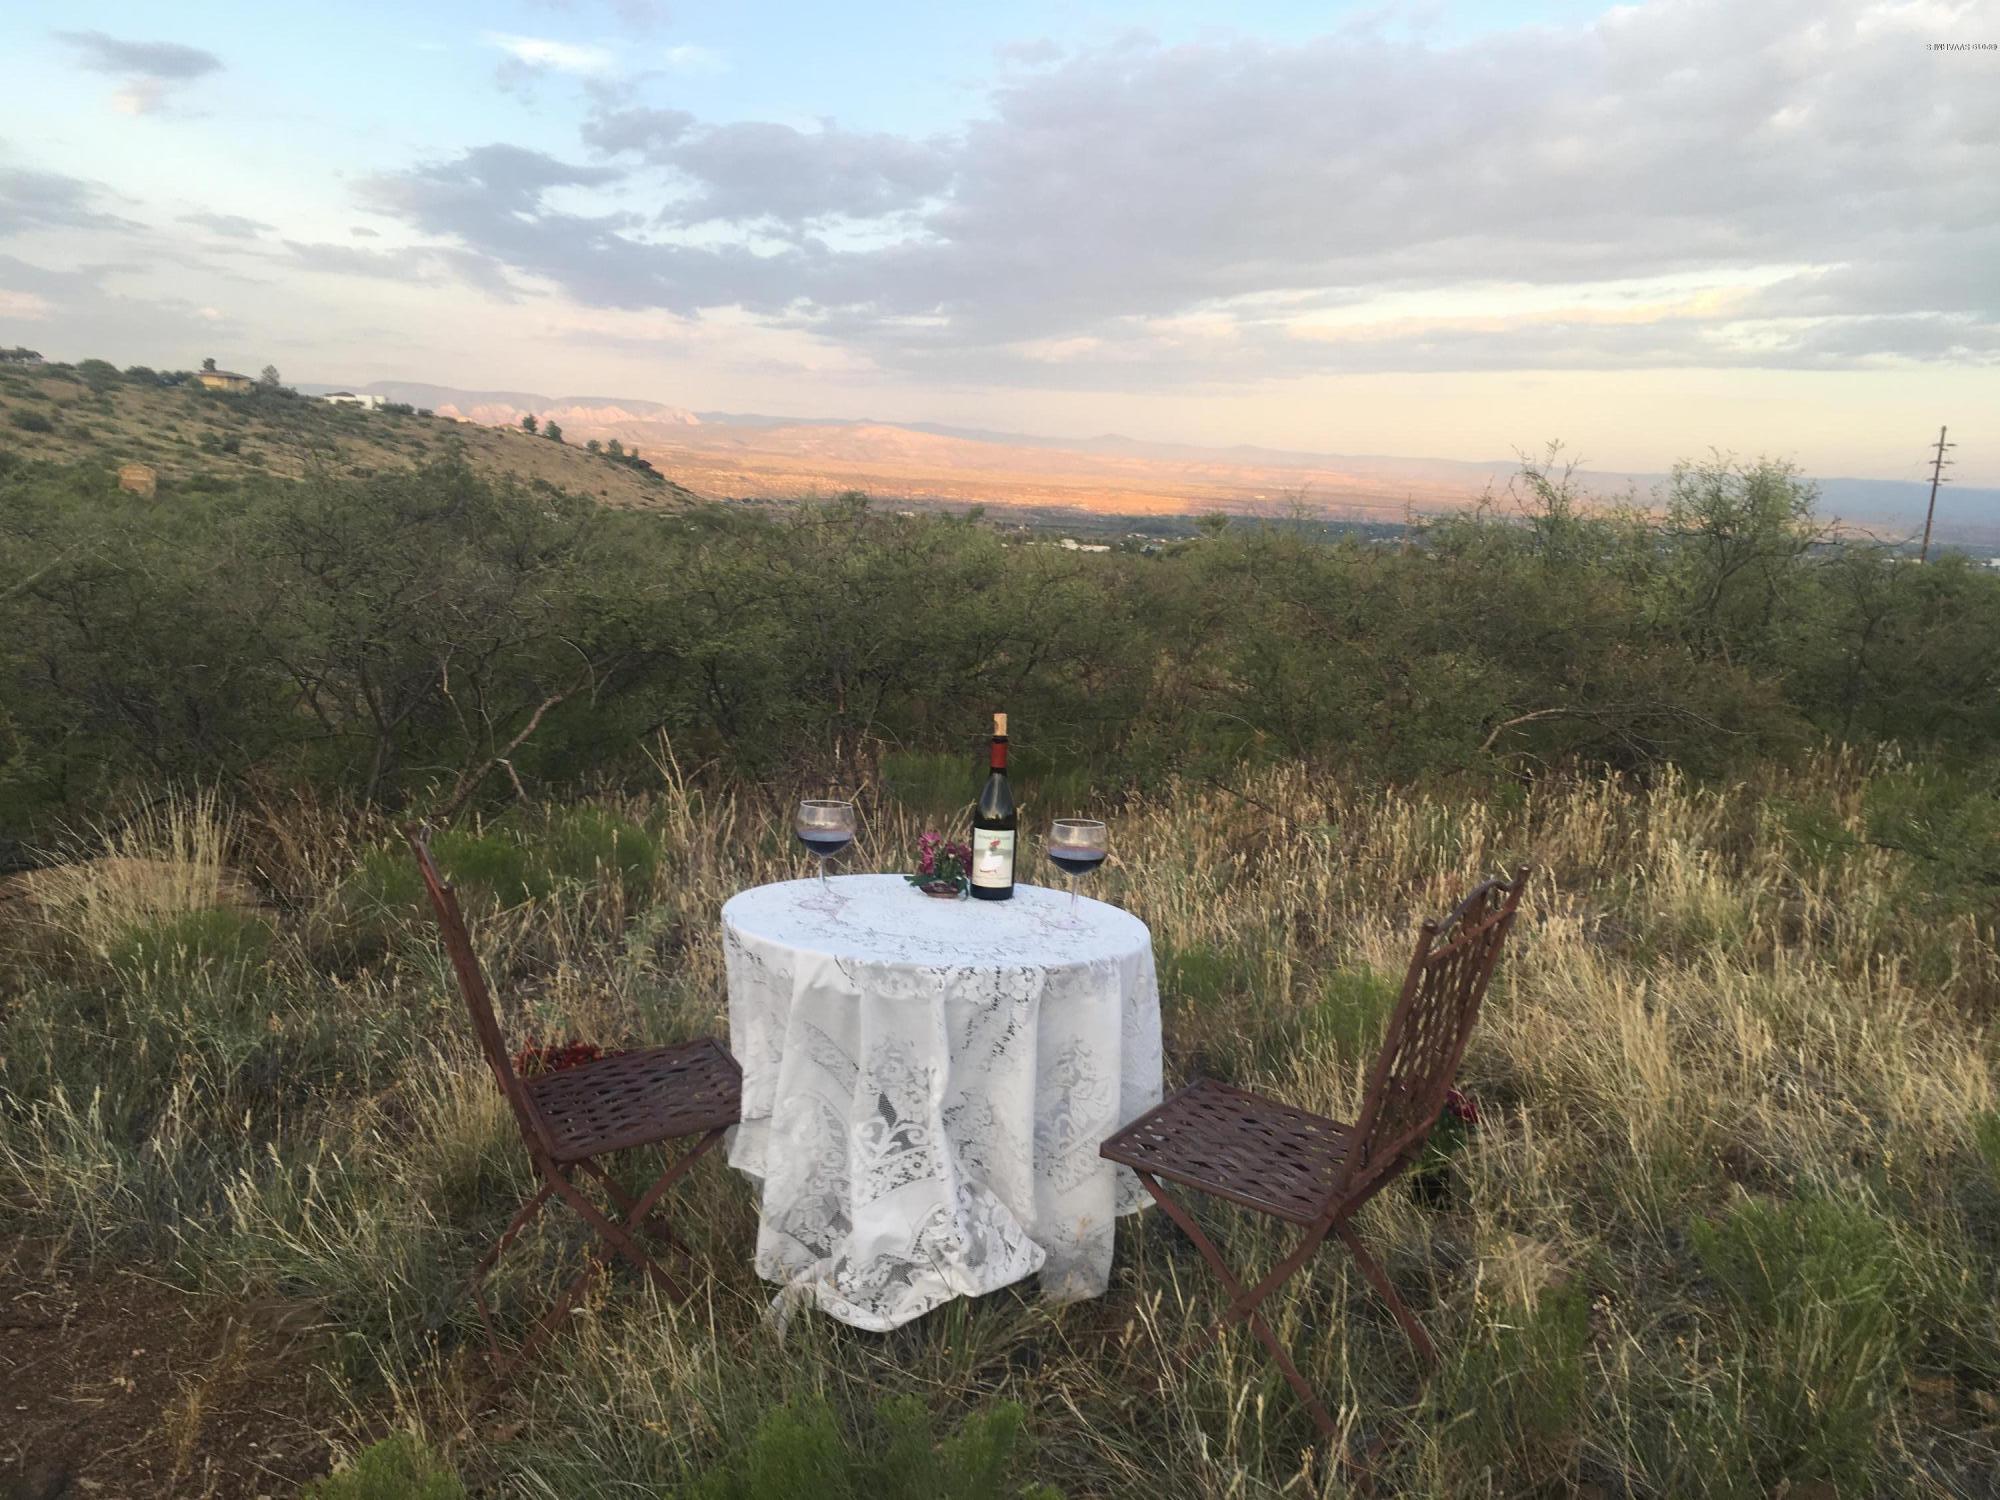 Desert Sky Clarkdale, AZ 86324